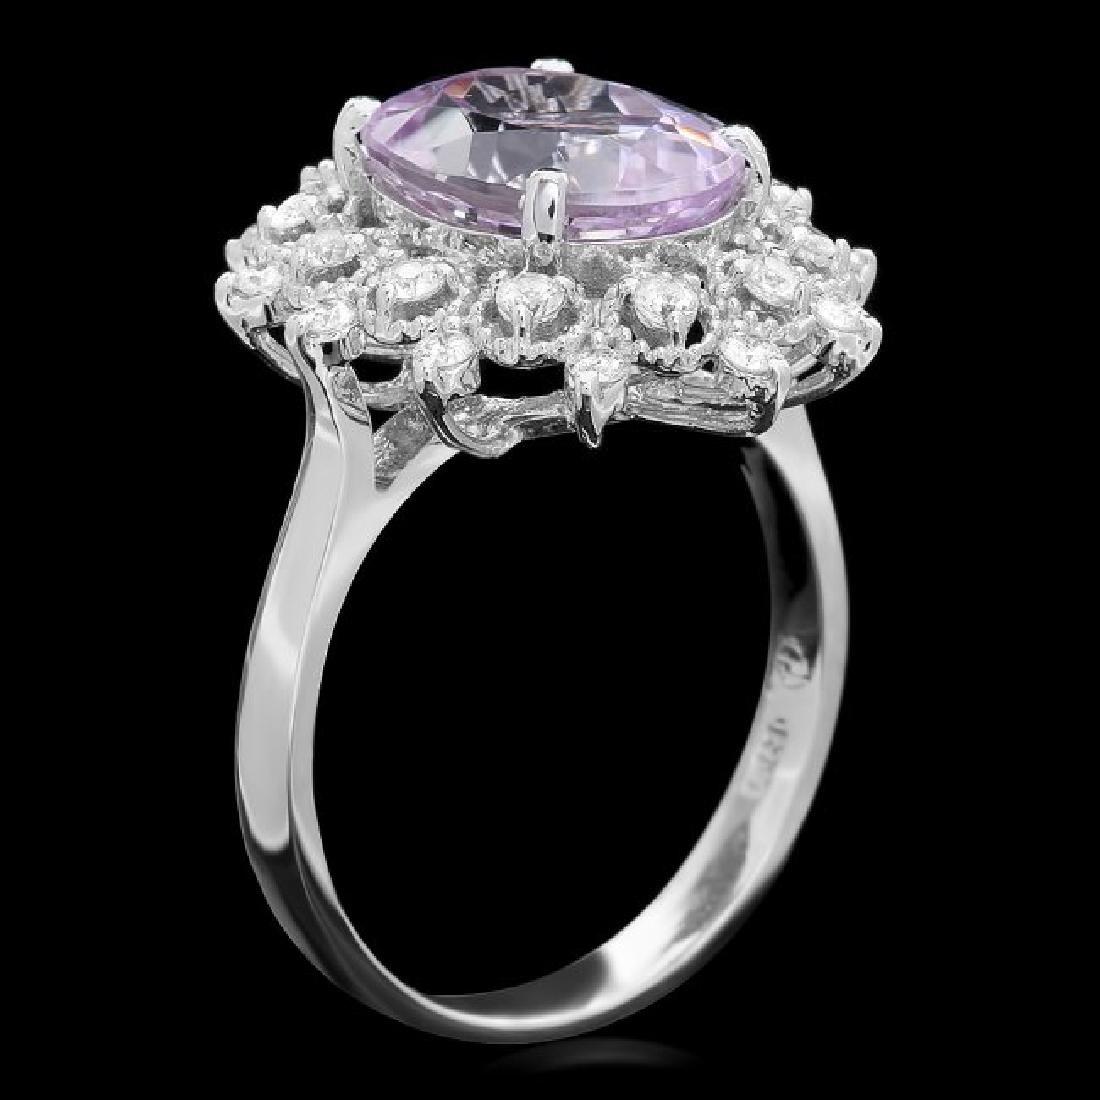 14k White Gold 4.50ct Kunzite 0.55ct Diamond Ring - 2